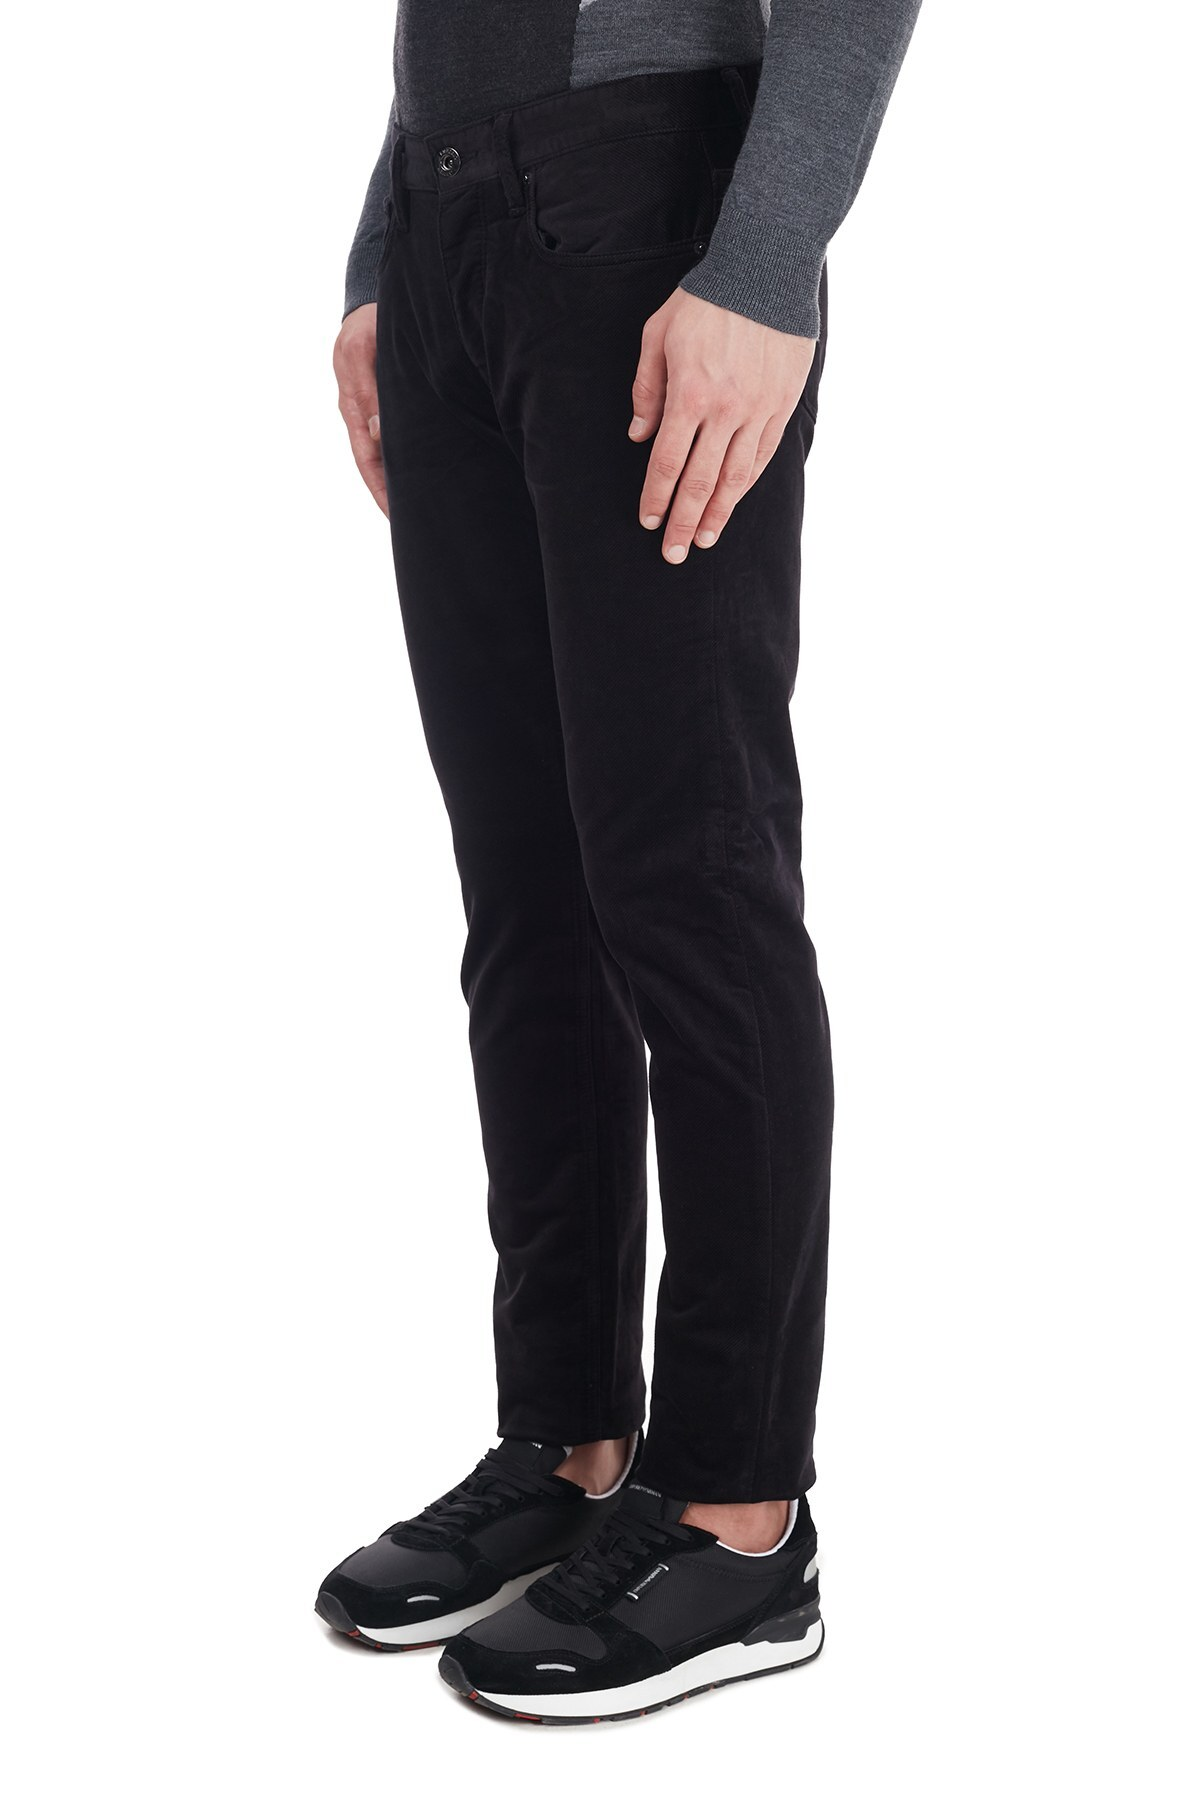 Emporio Armani Slim Fit Pamuklu J75 Jeans Erkek Kot Pantolon 6H1J75 1NRDZ 0920 LACİVERT